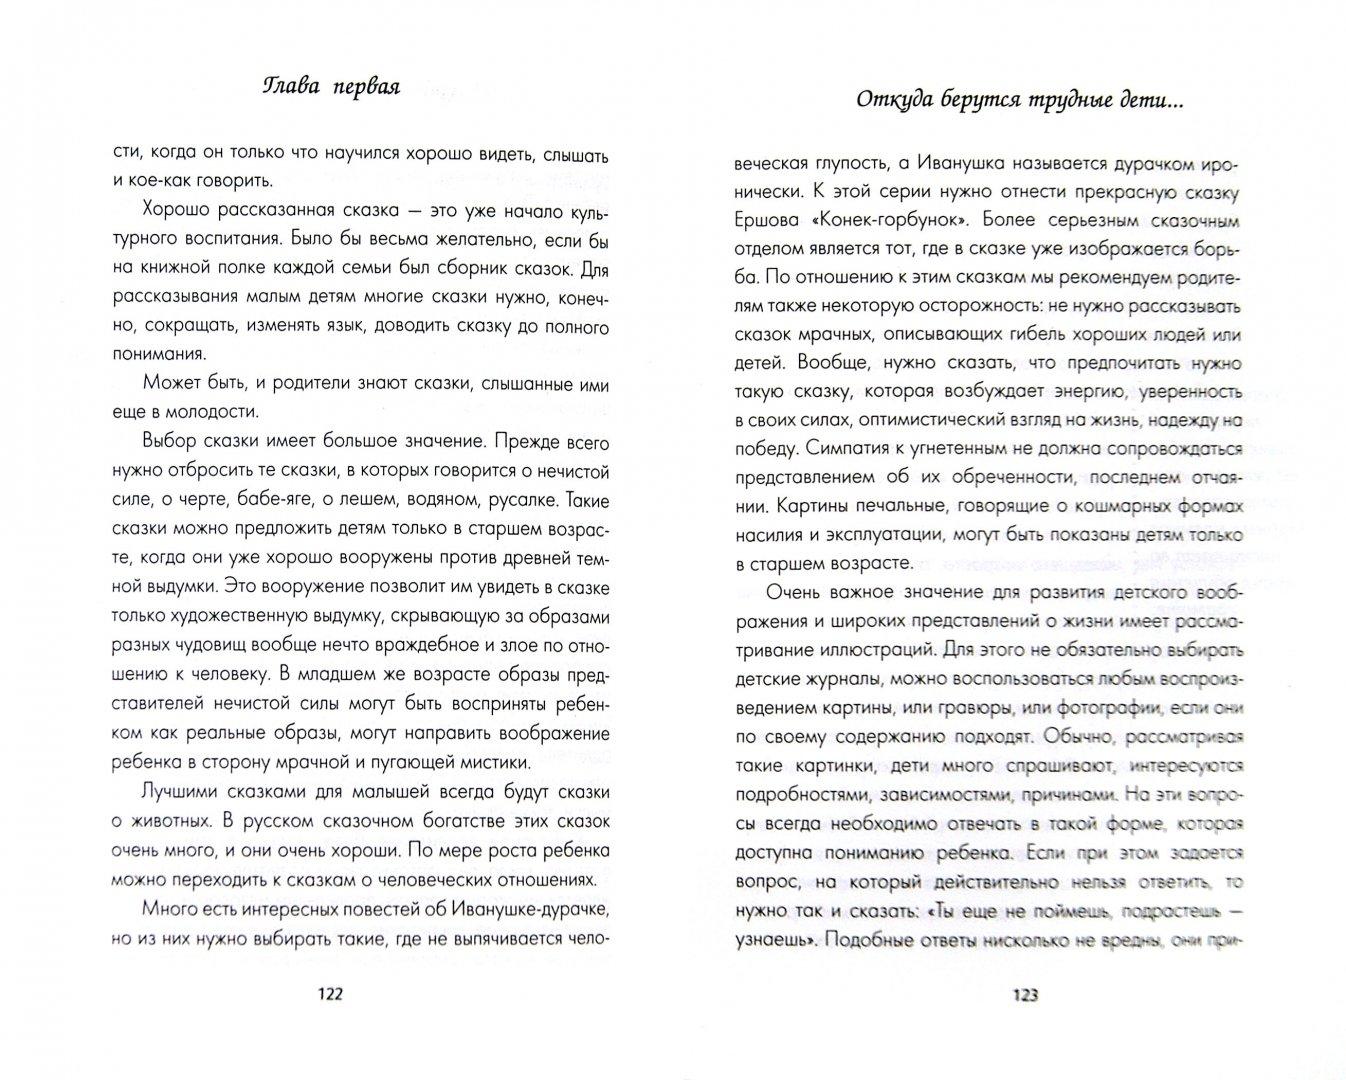 Иллюстрация 1 из 7 для Общение с трудными детьми - Антон Макаренко   Лабиринт - книги. Источник: Лабиринт